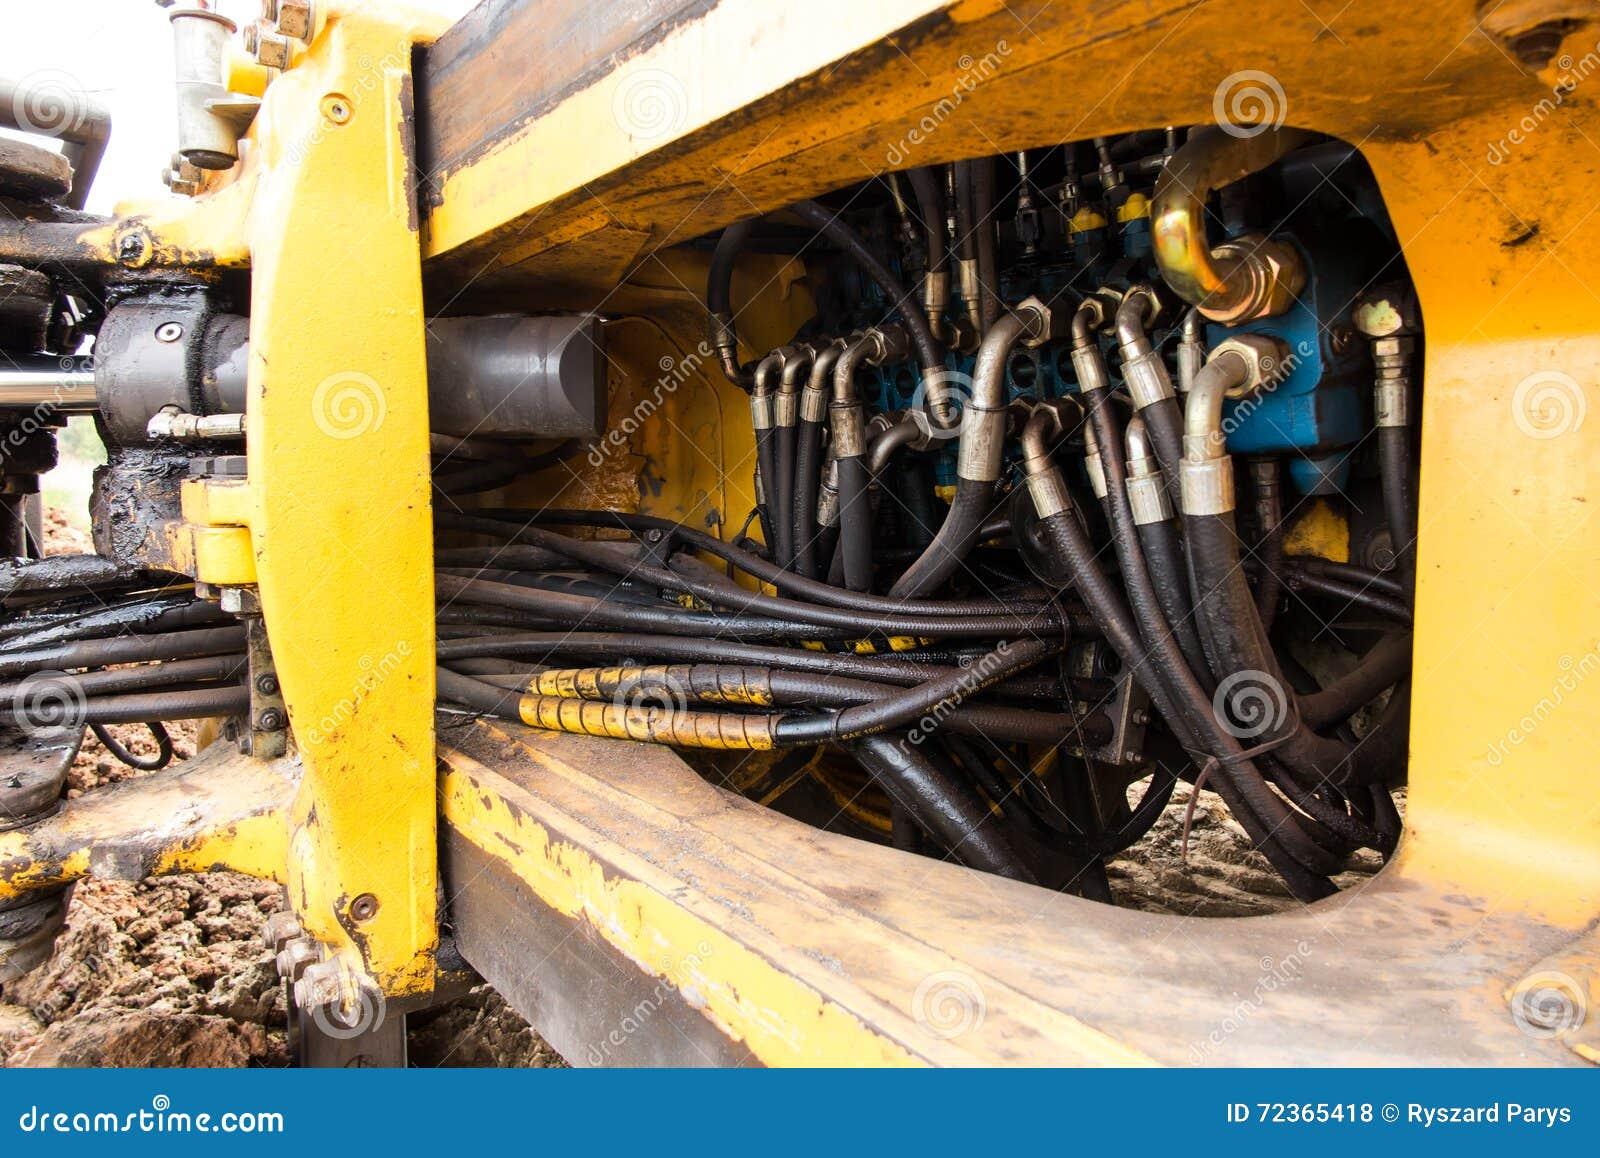 水力阀门工业管道系统